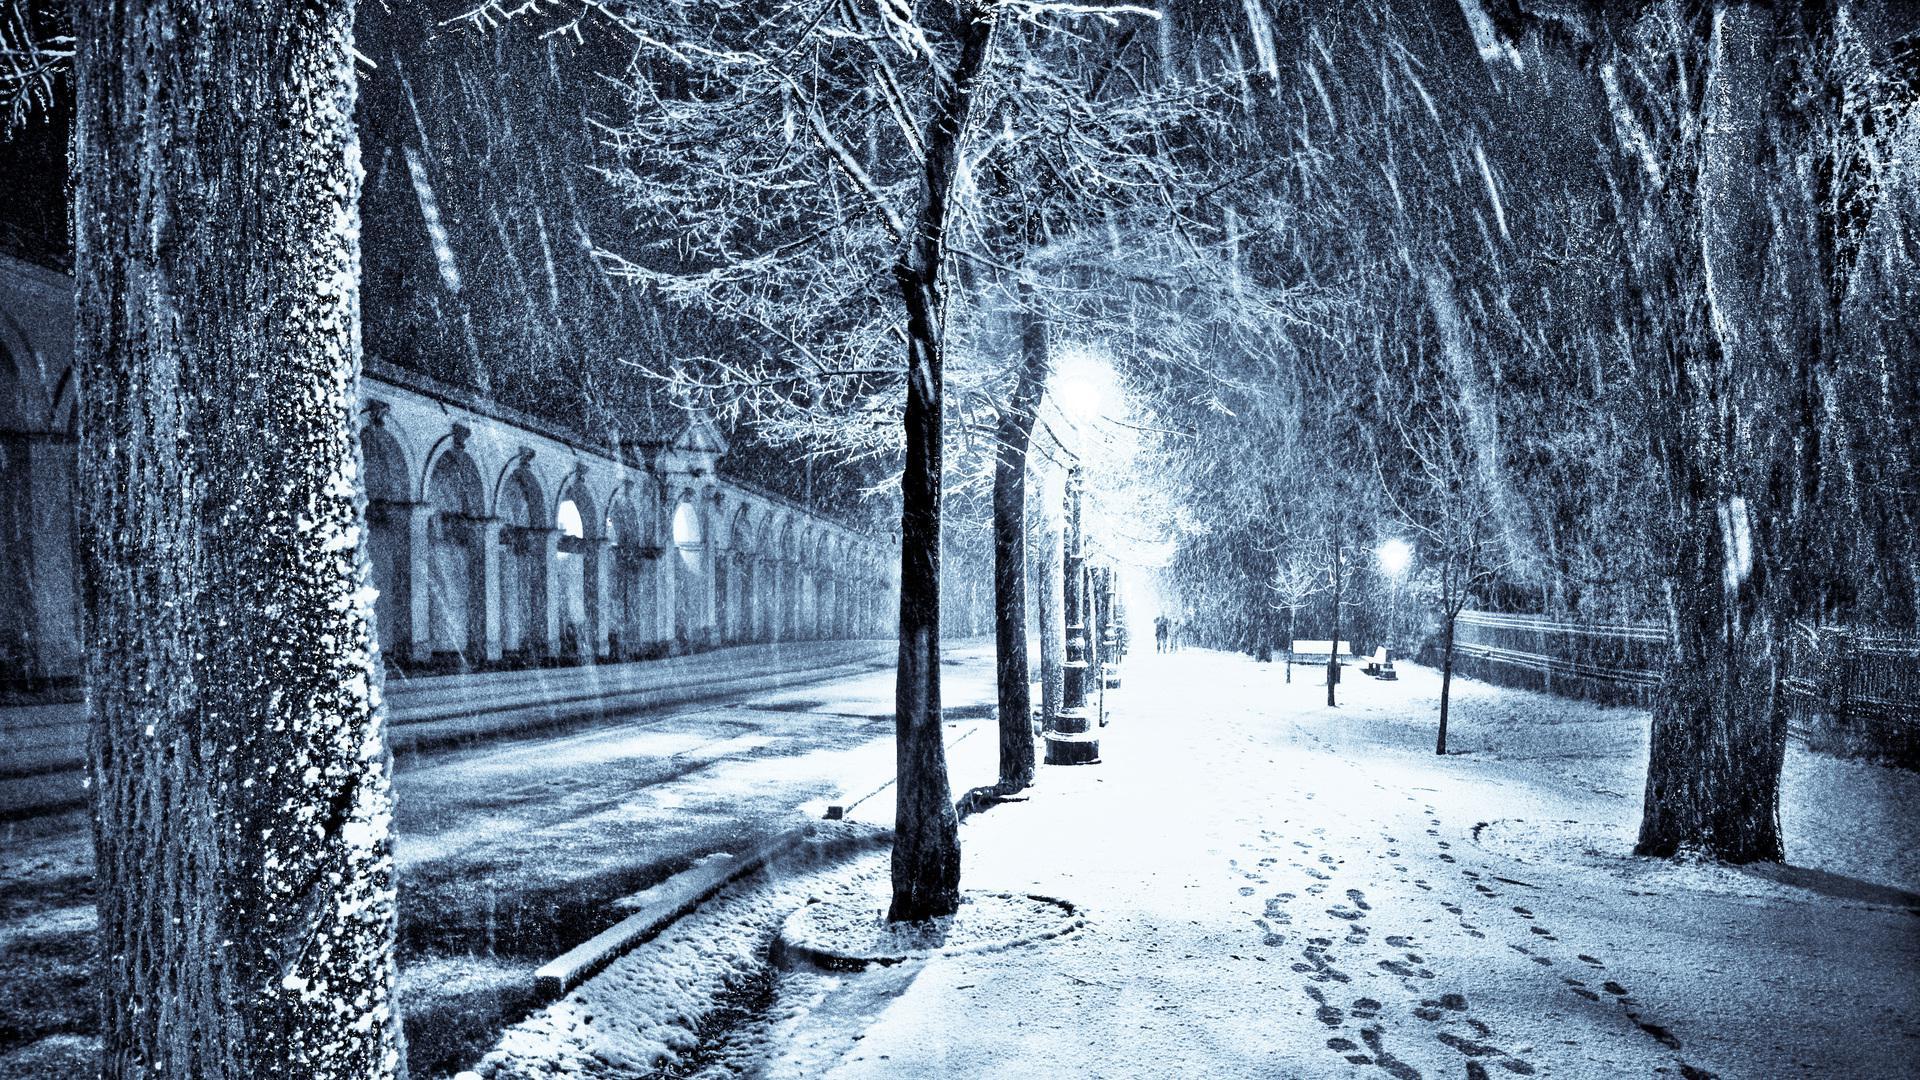 Snow In The City Wallpaper Wallpapersafari